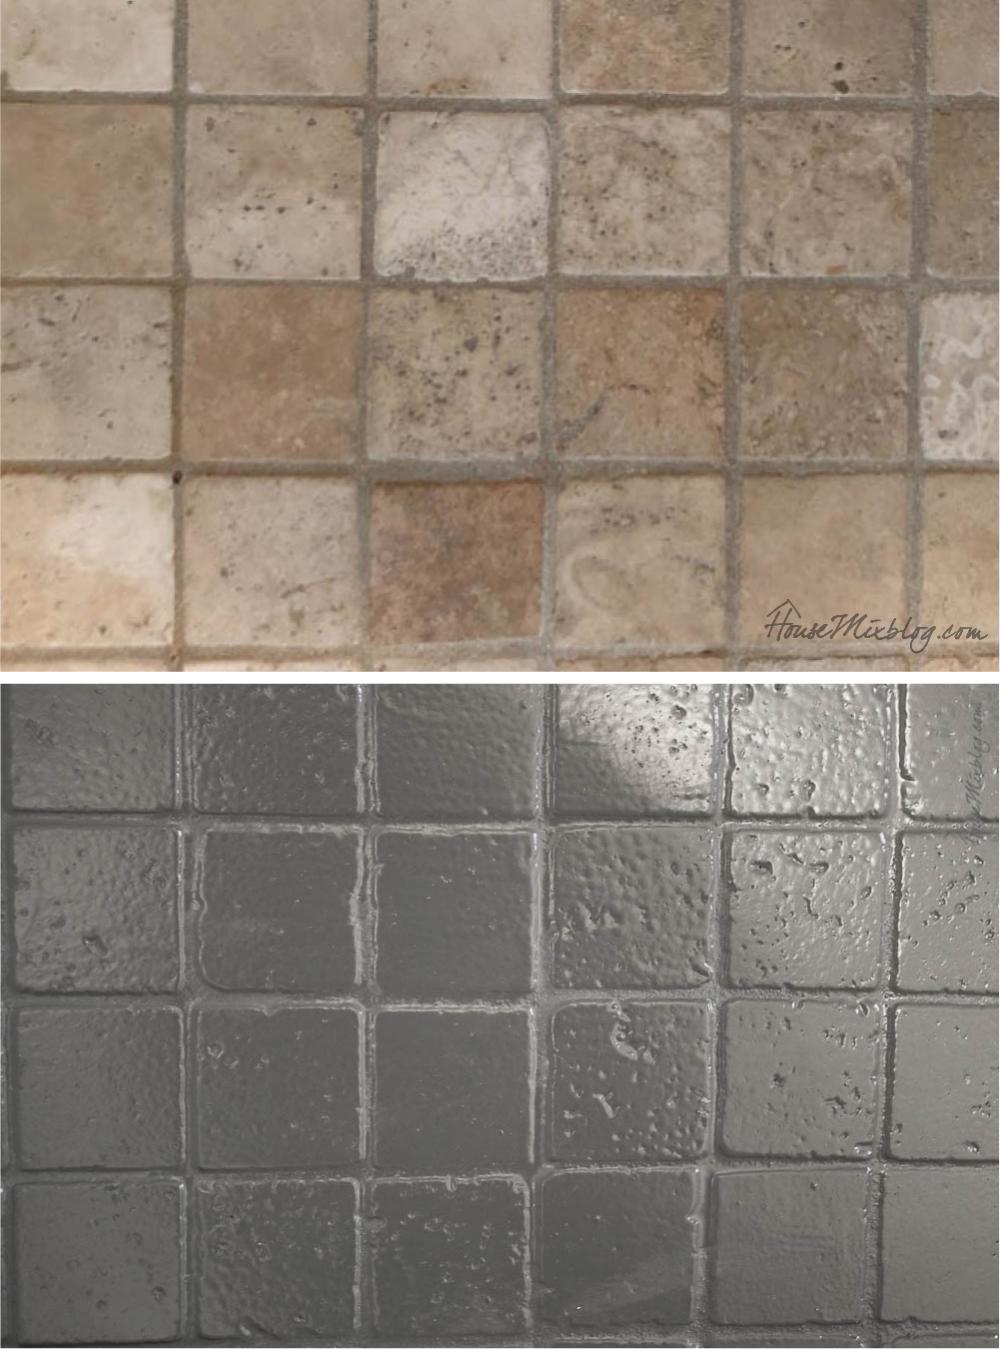 How To Paint Bathroom Tile Floor Shower Backsplash In 2020 Painting Bathroom Tiles Painting Bathroom Shower Floor